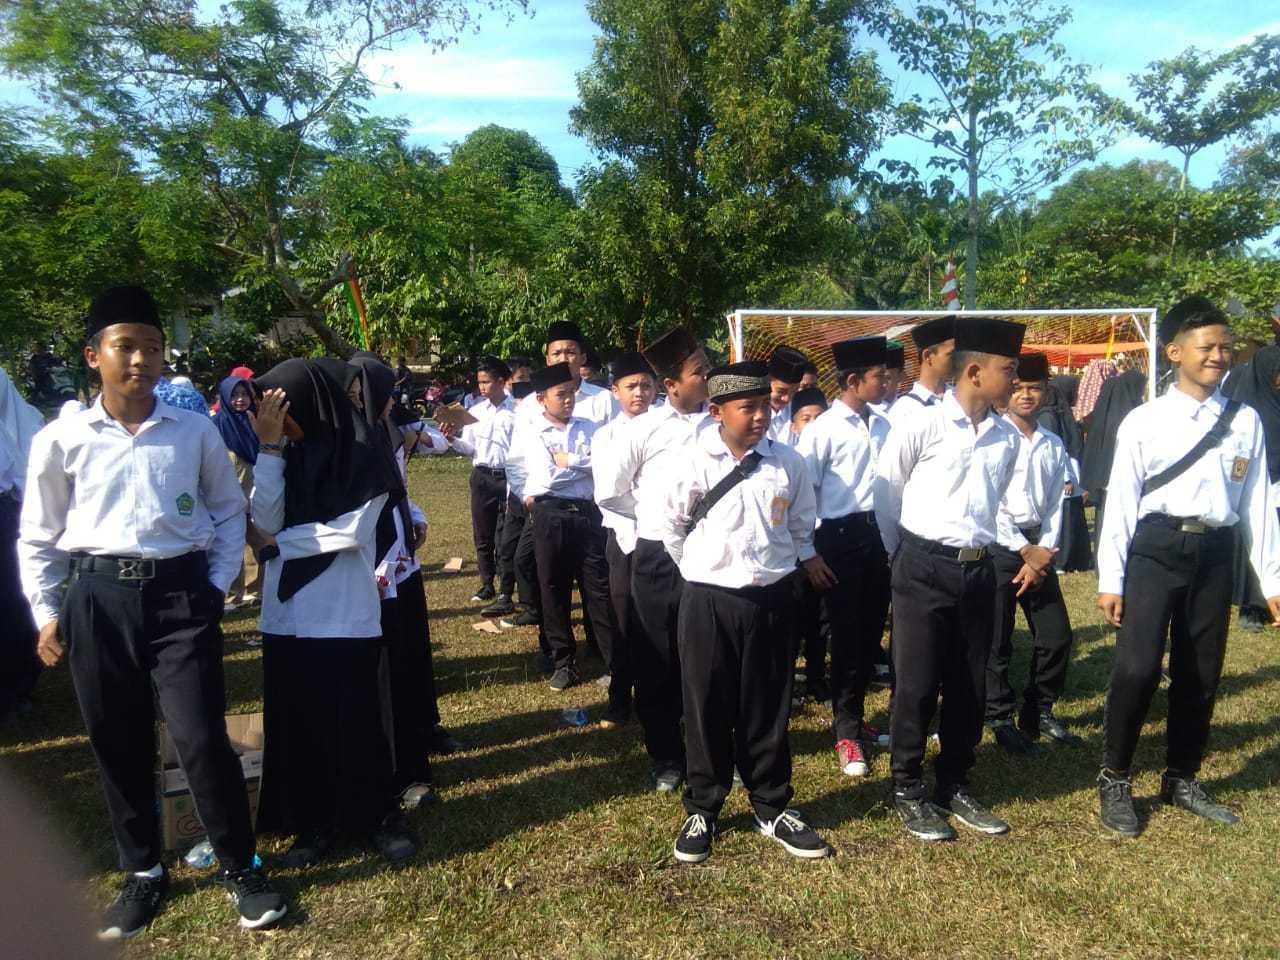 Siswa MTs Nurul Huda Ikuti Upacara HUT RI Ke-74 Di Lapangan Desa Dayo